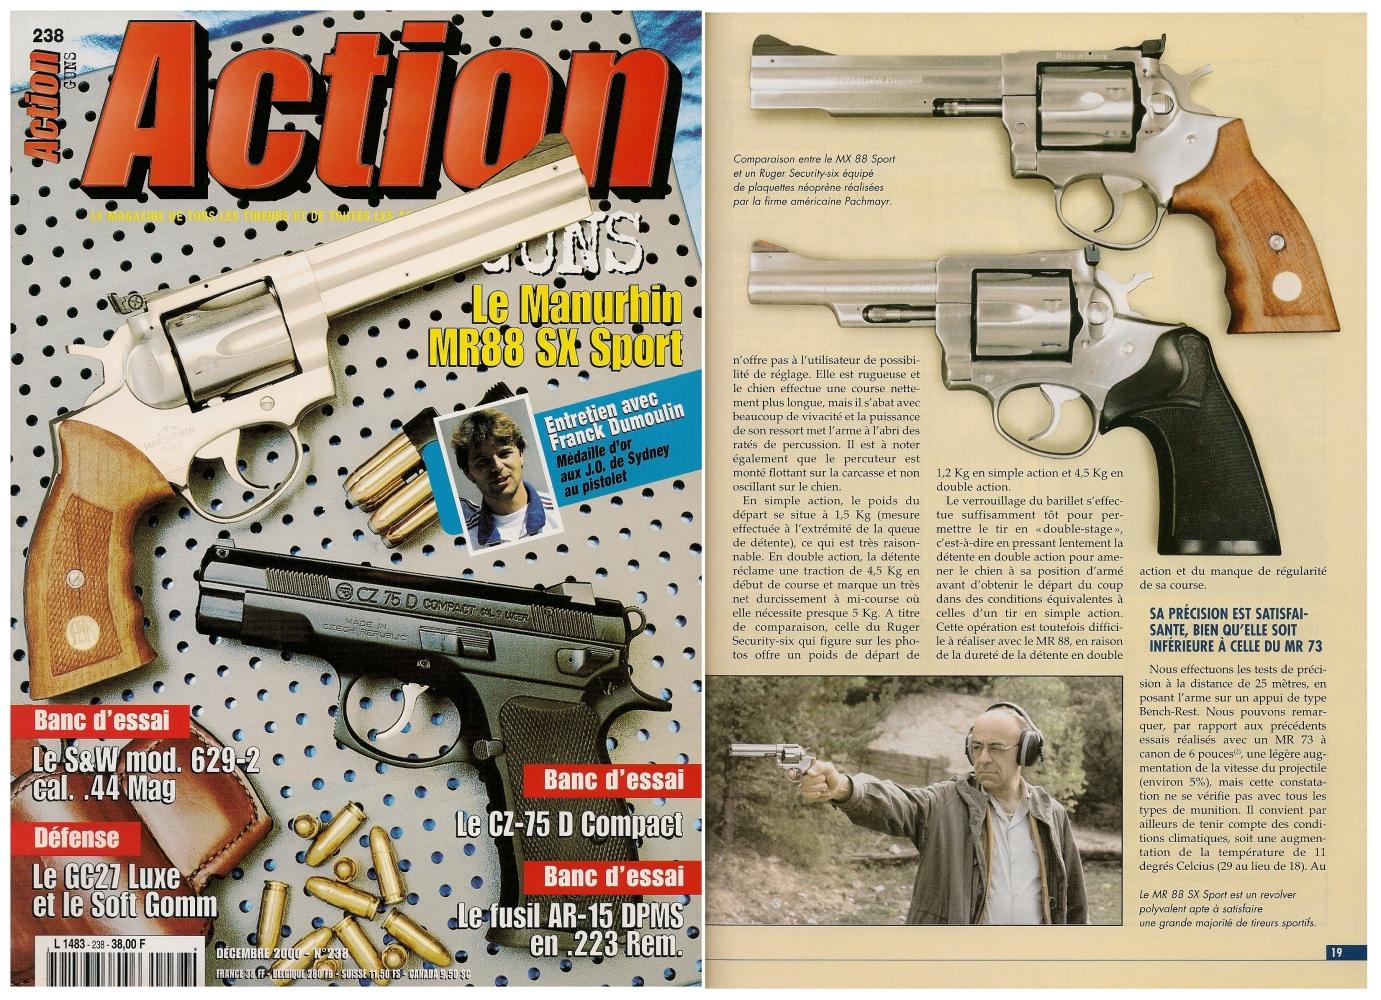 Le banc d'essai du revolver Manurhin MR-88 SX « Sport » a été publié sur 7 pages dans le magazine Action Guns n°238 (décembre 2000).